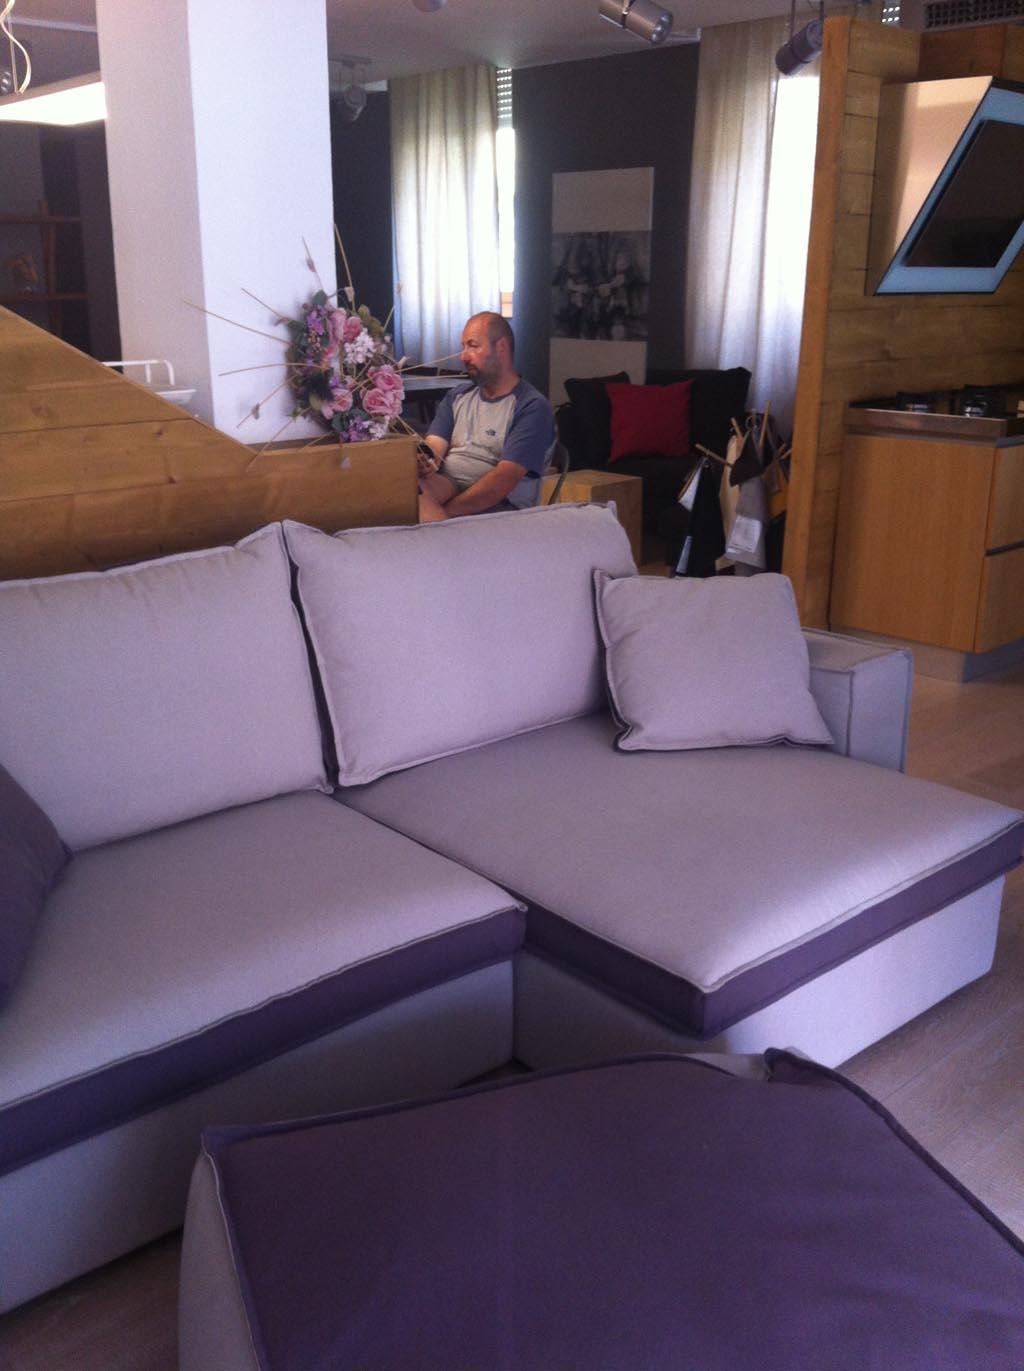 Divano 3 posti con pouf eurosalotto in svendita divani a - Divano seduta scorrevole ...